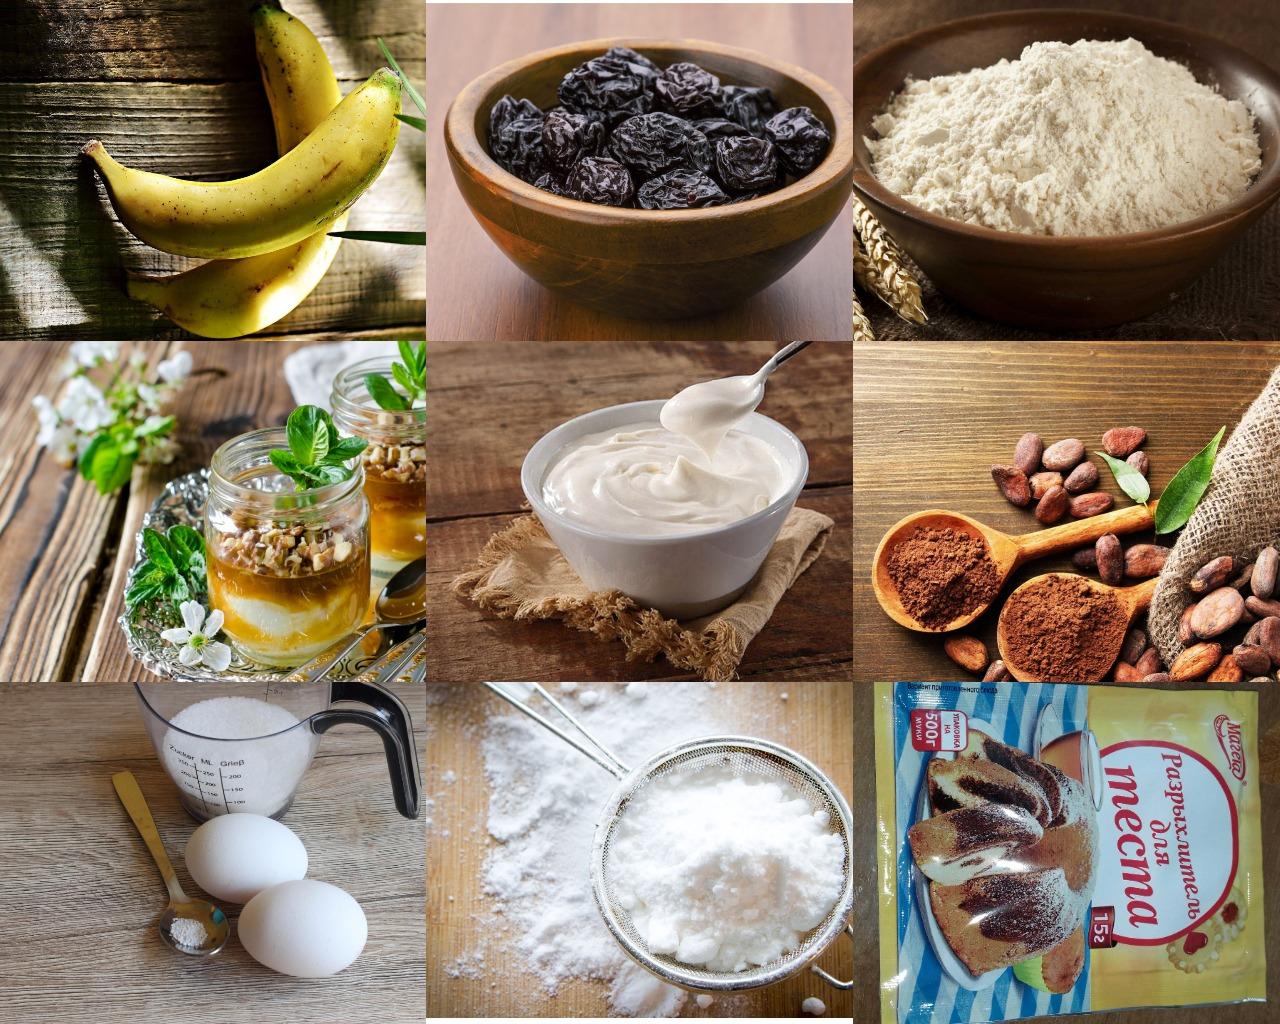 Ингредиенты для десерта с бананом, черносливом и орехами